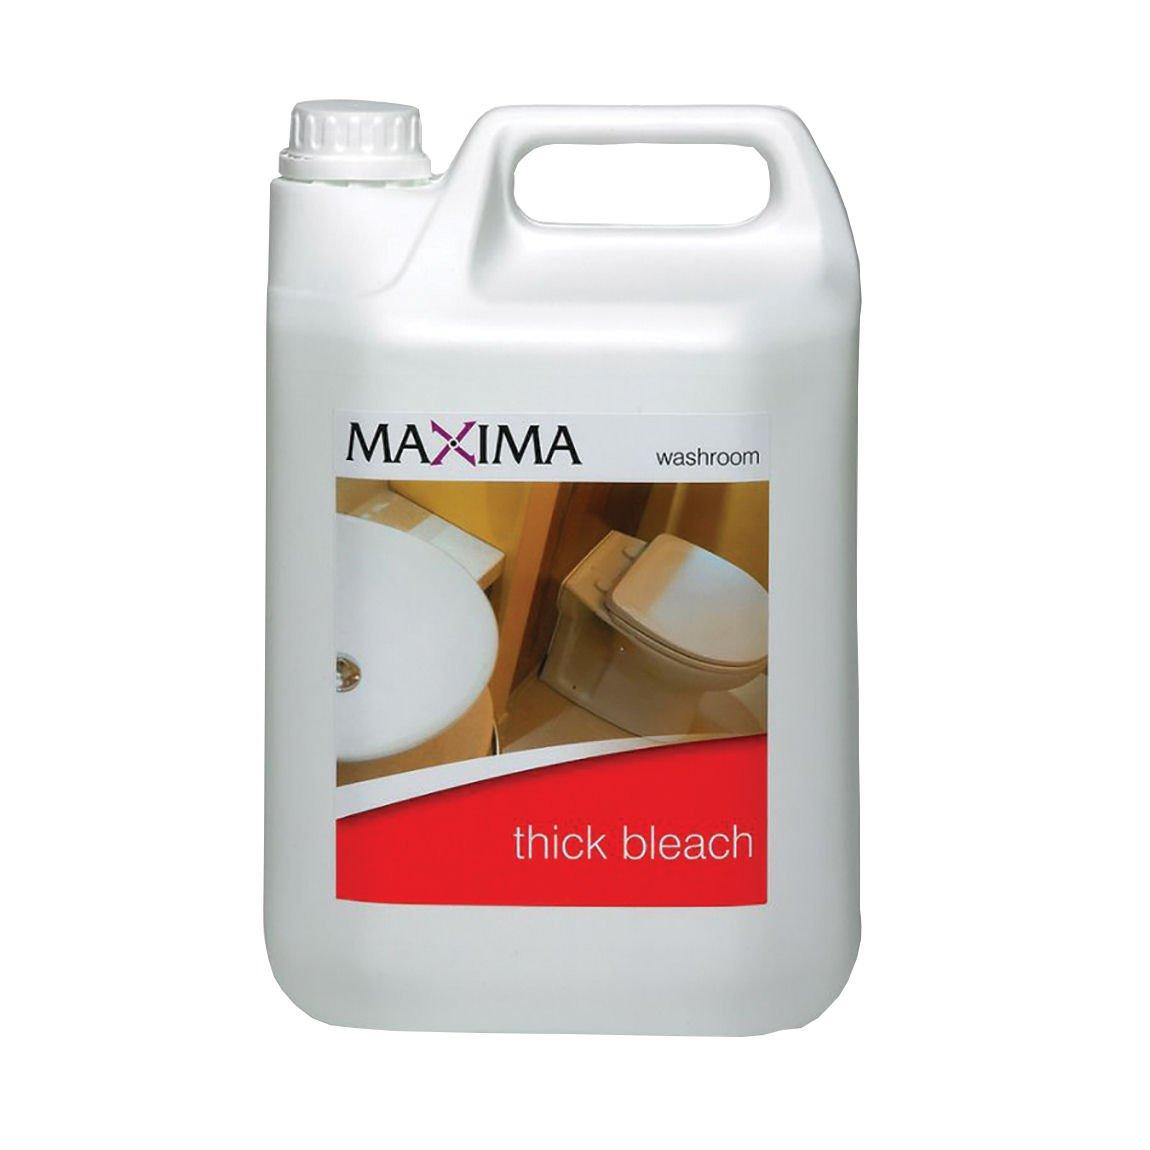 Maxima Thick Bleach 5Ltr